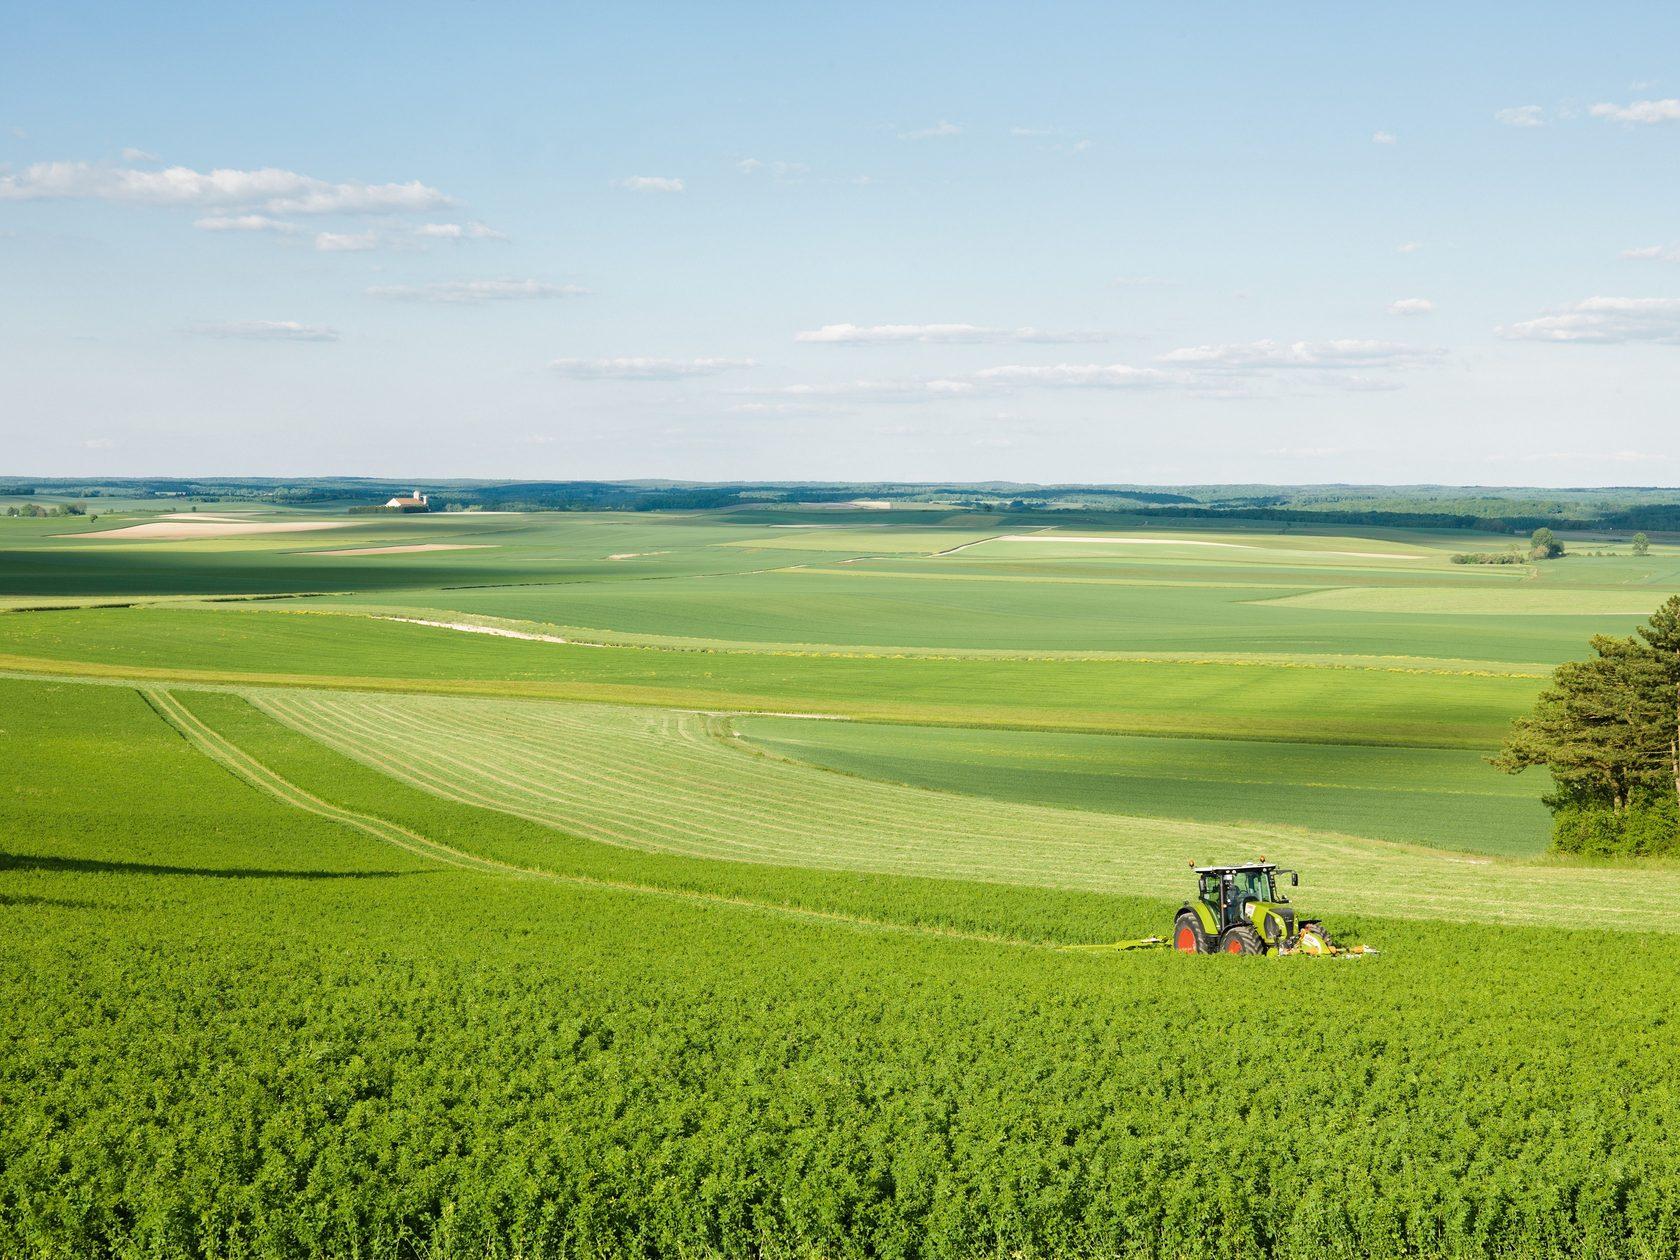 Интернет вещей и биотопливо